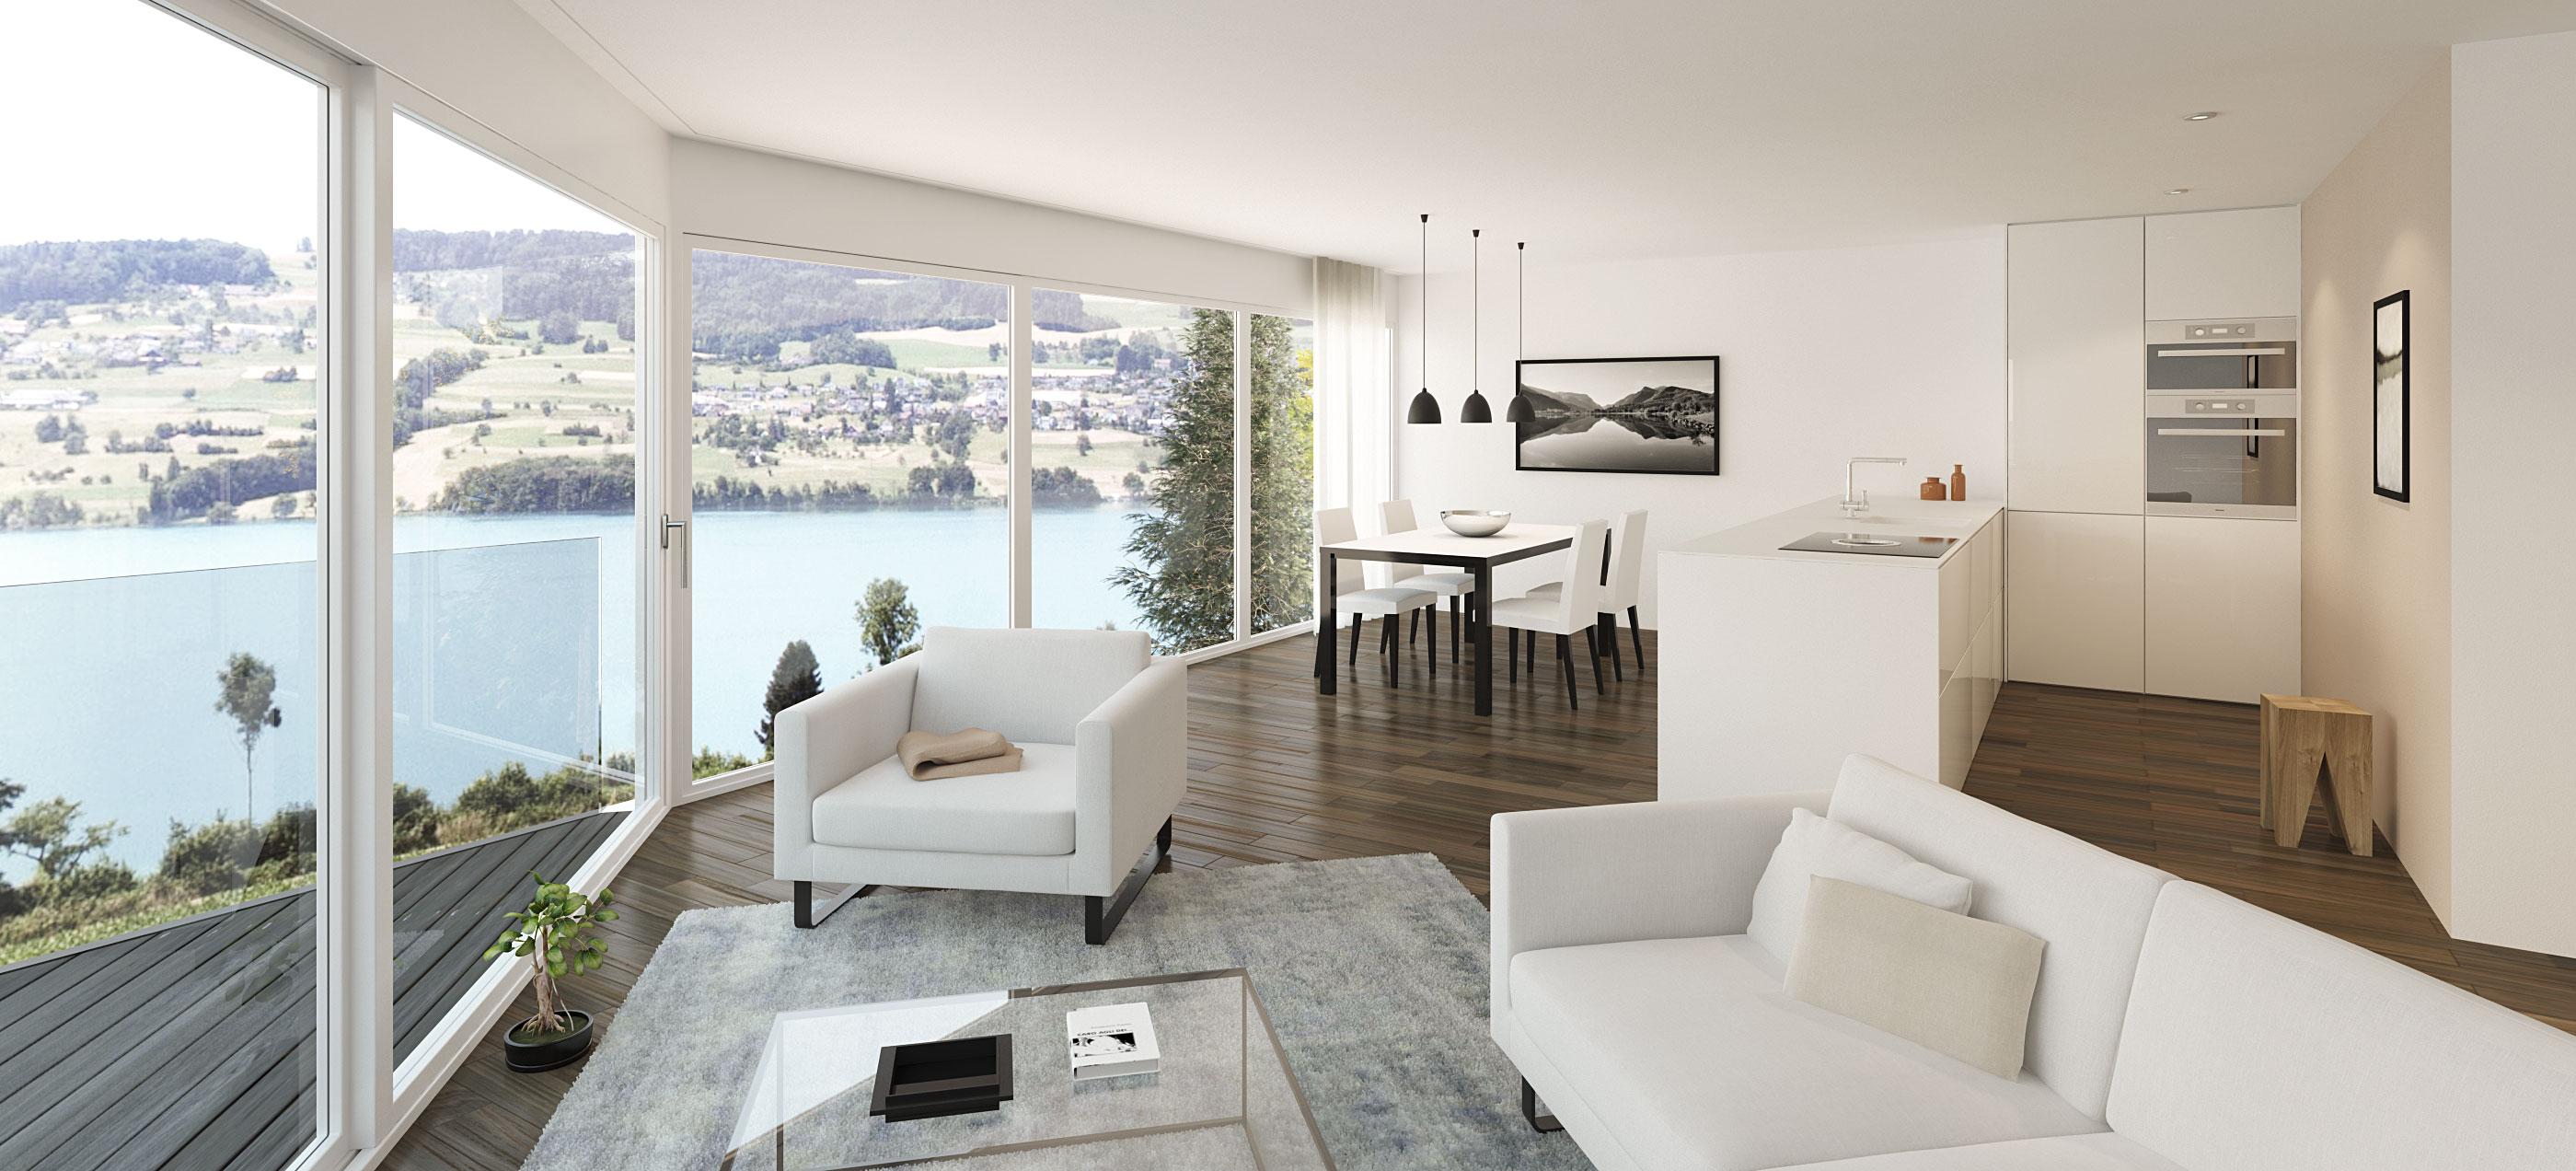 Wohnungsreinigung Zürich und Umgebung Top Qualität